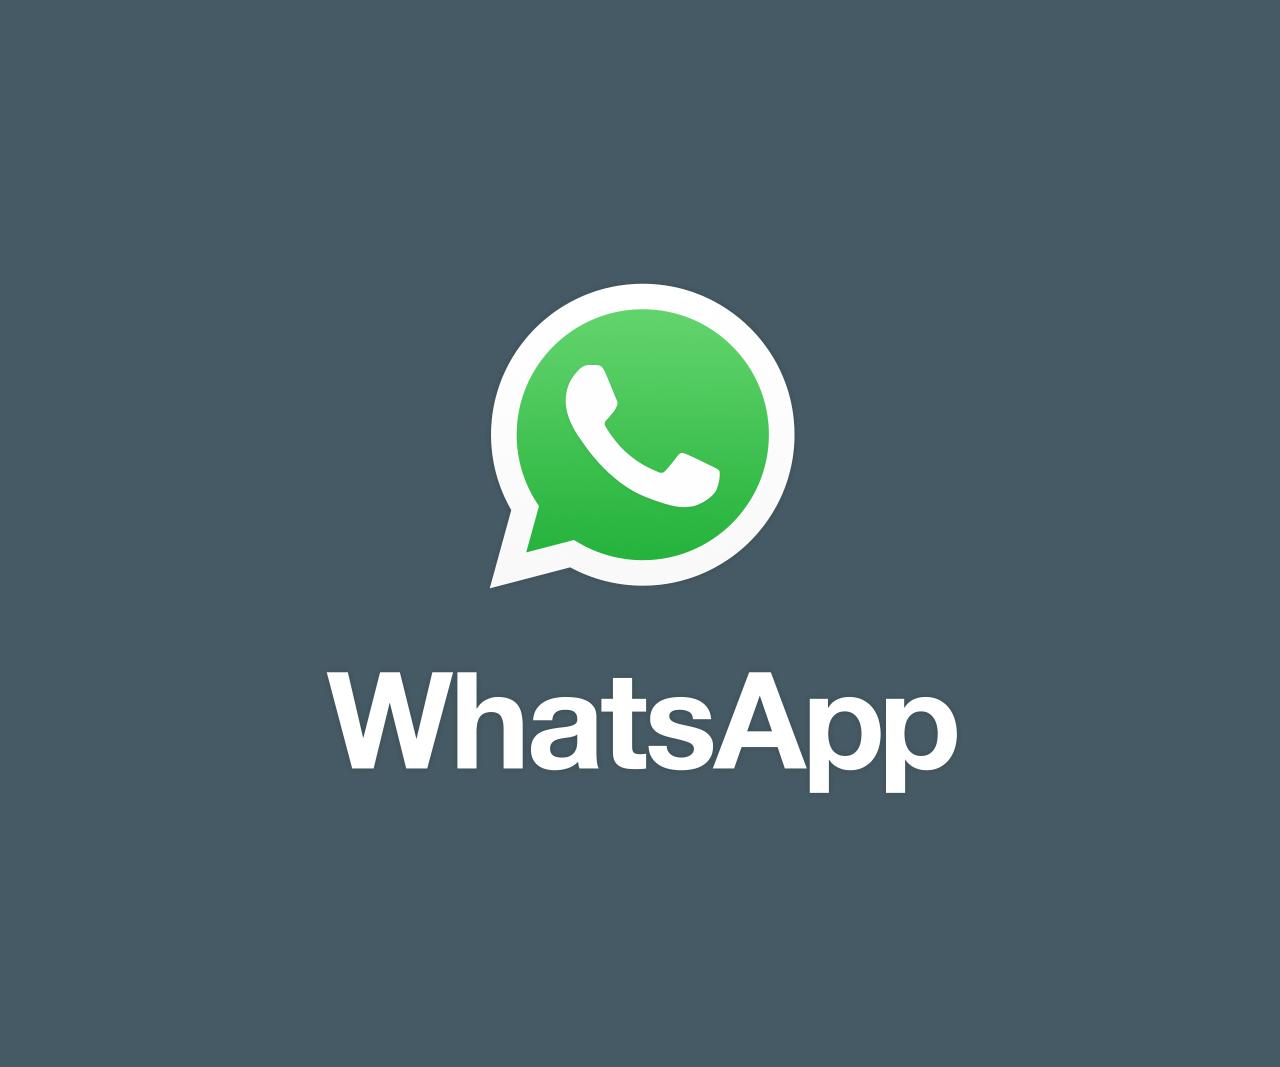 quien mira mi estado de whatsapp